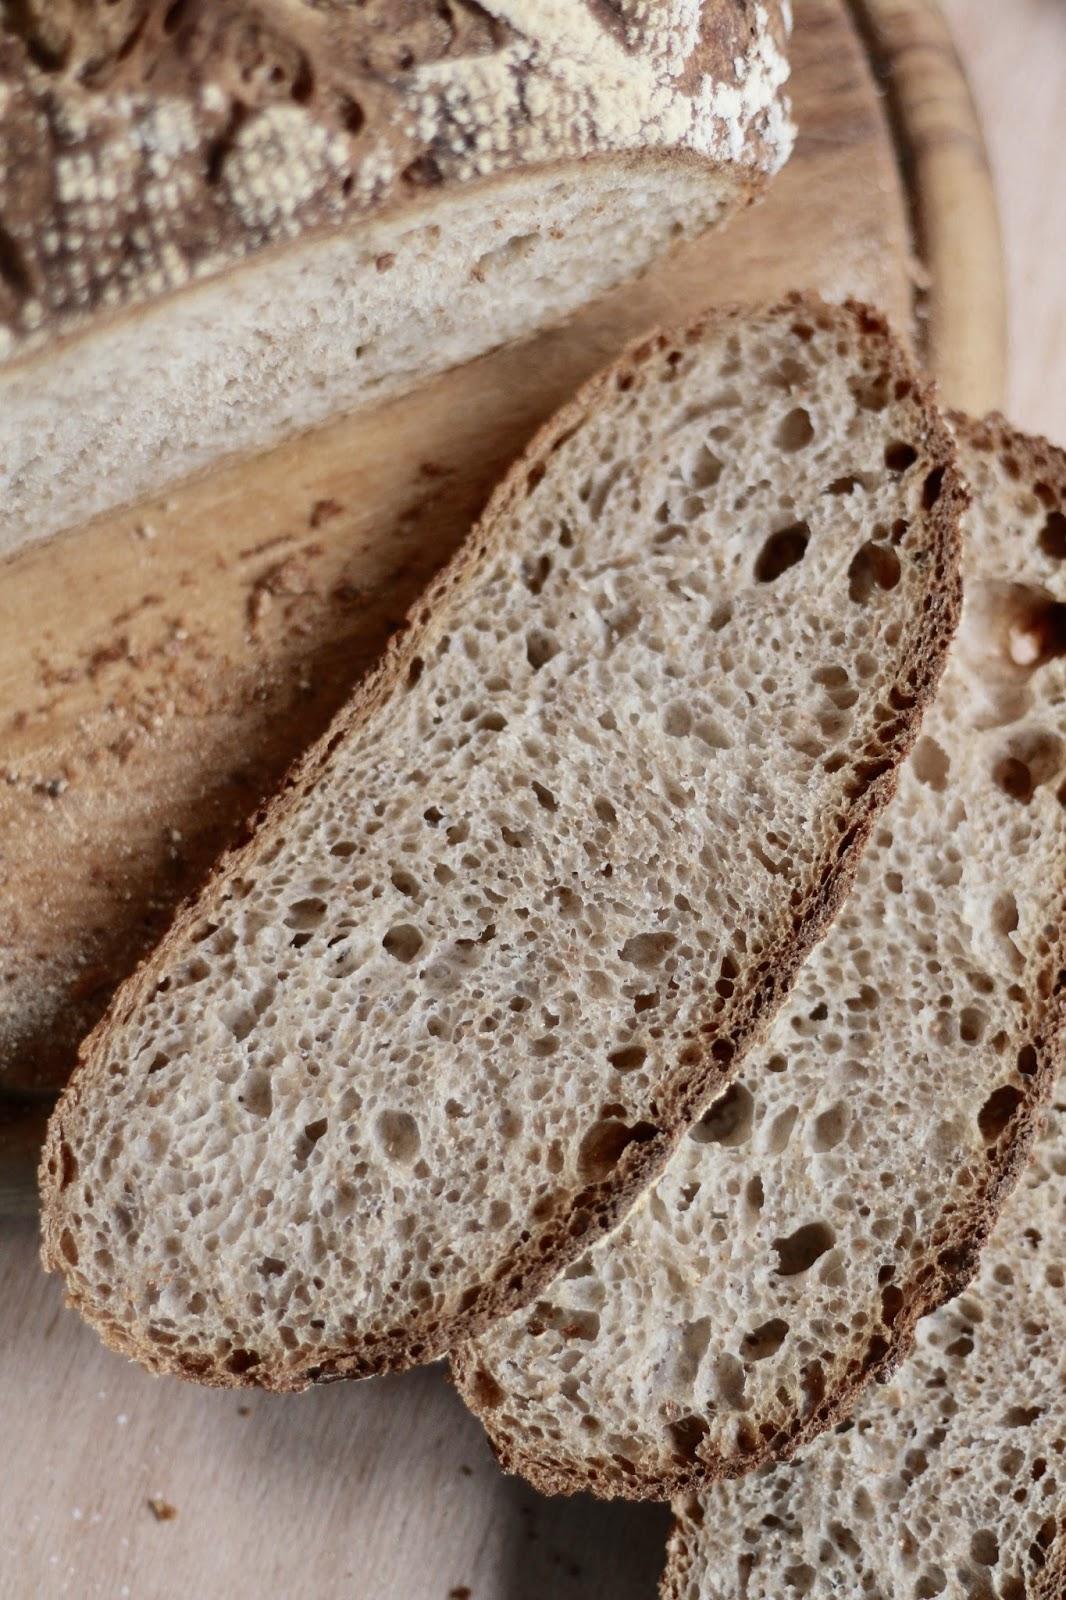 Sauerteigbrot selber backen: Weizenmischbrot mit Lievito Madre - krachende Kruste, würzig-weicher Kern